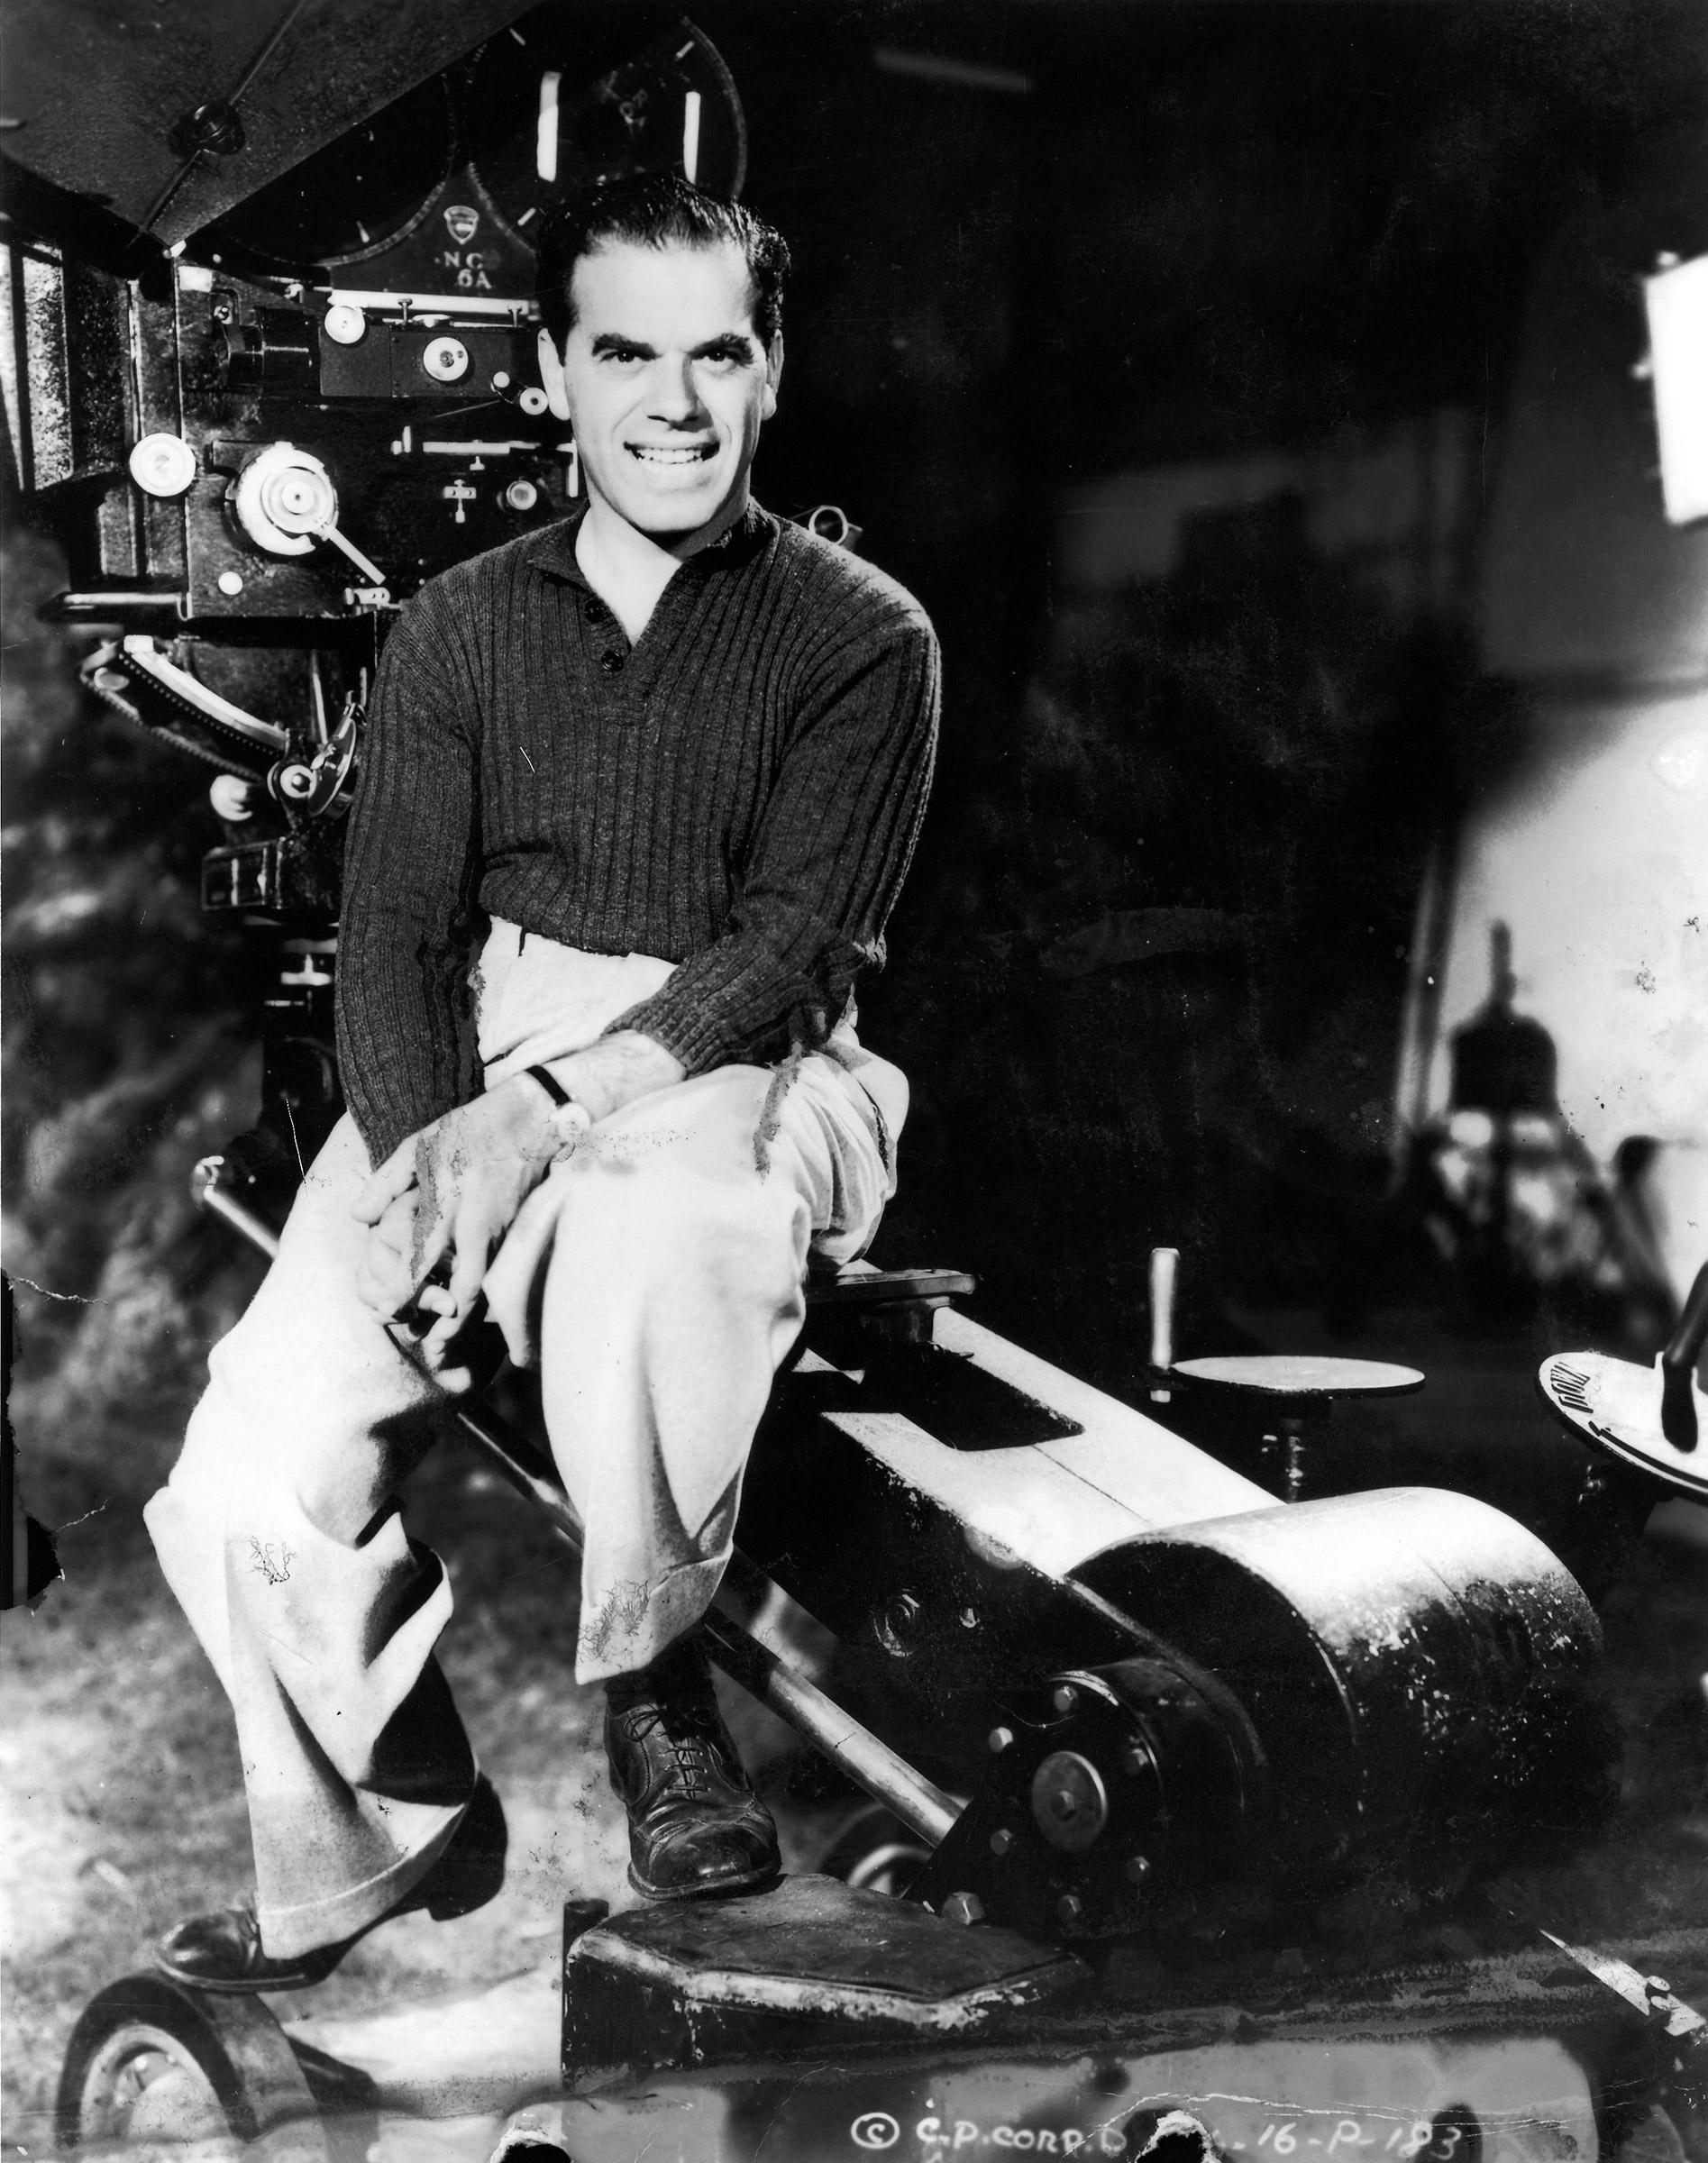 他拍出过最温暖的一部电影 ——电影大师弗兰克·卡普拉